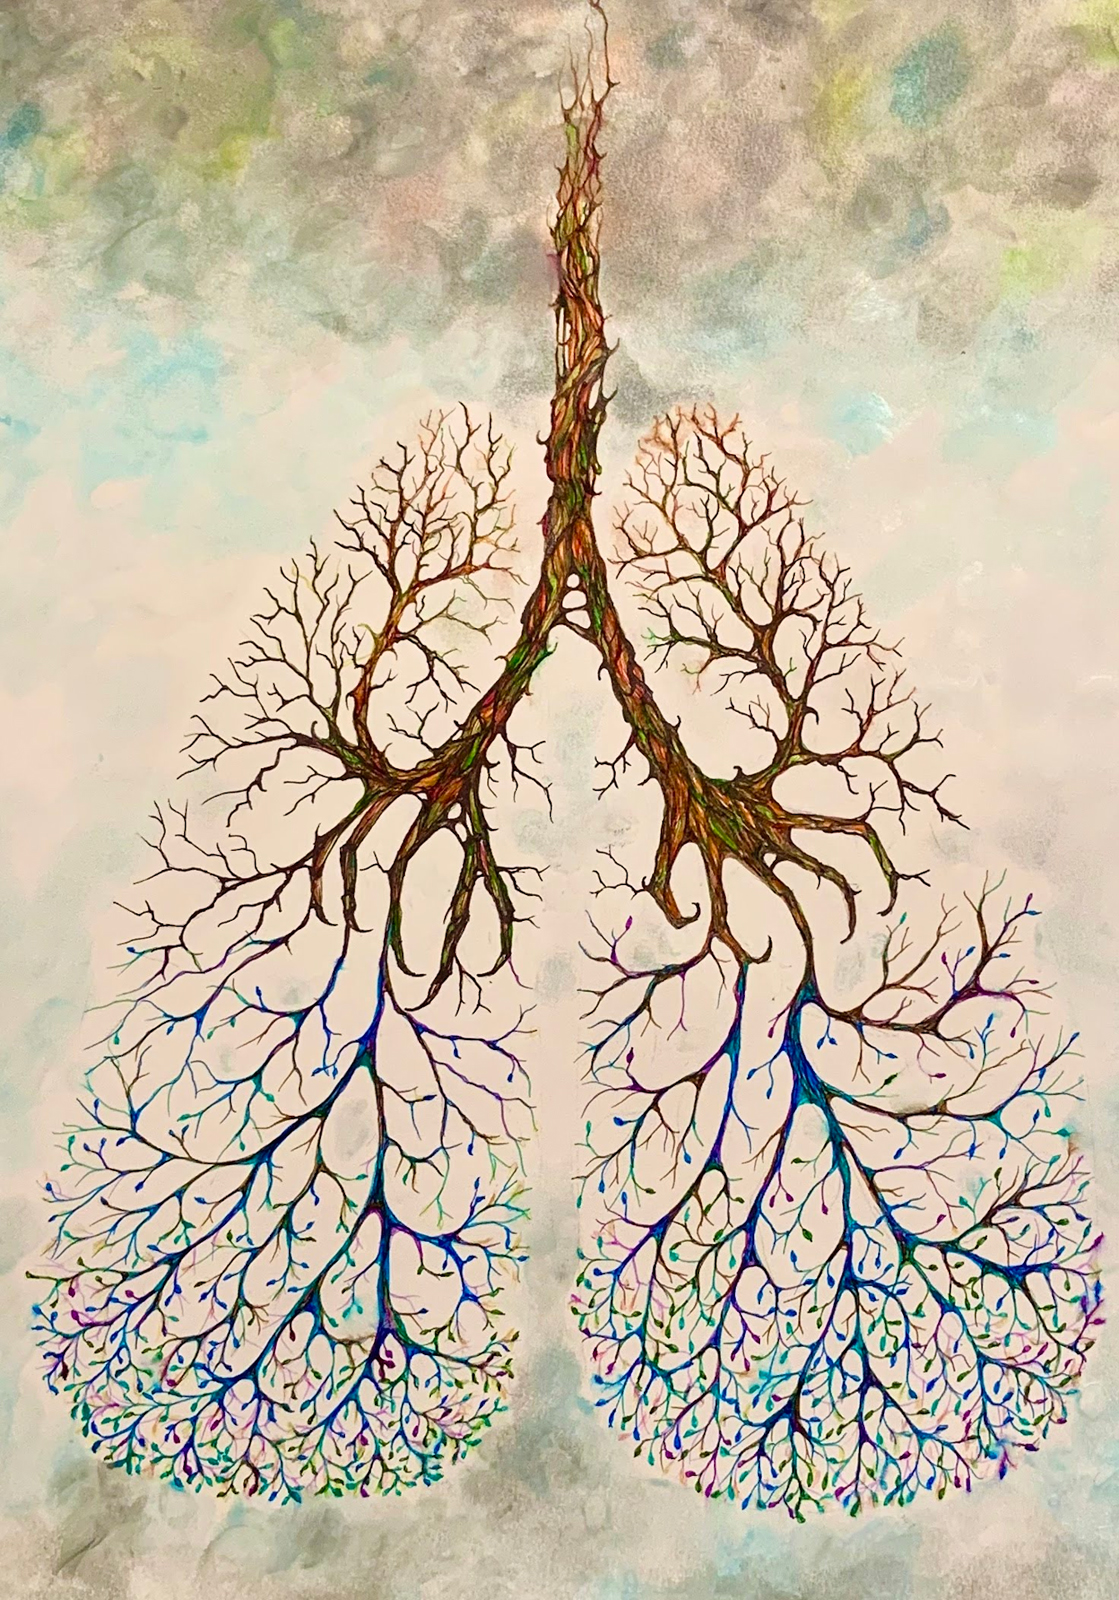 A Breath of Fresh Air - Jillian DeLuca